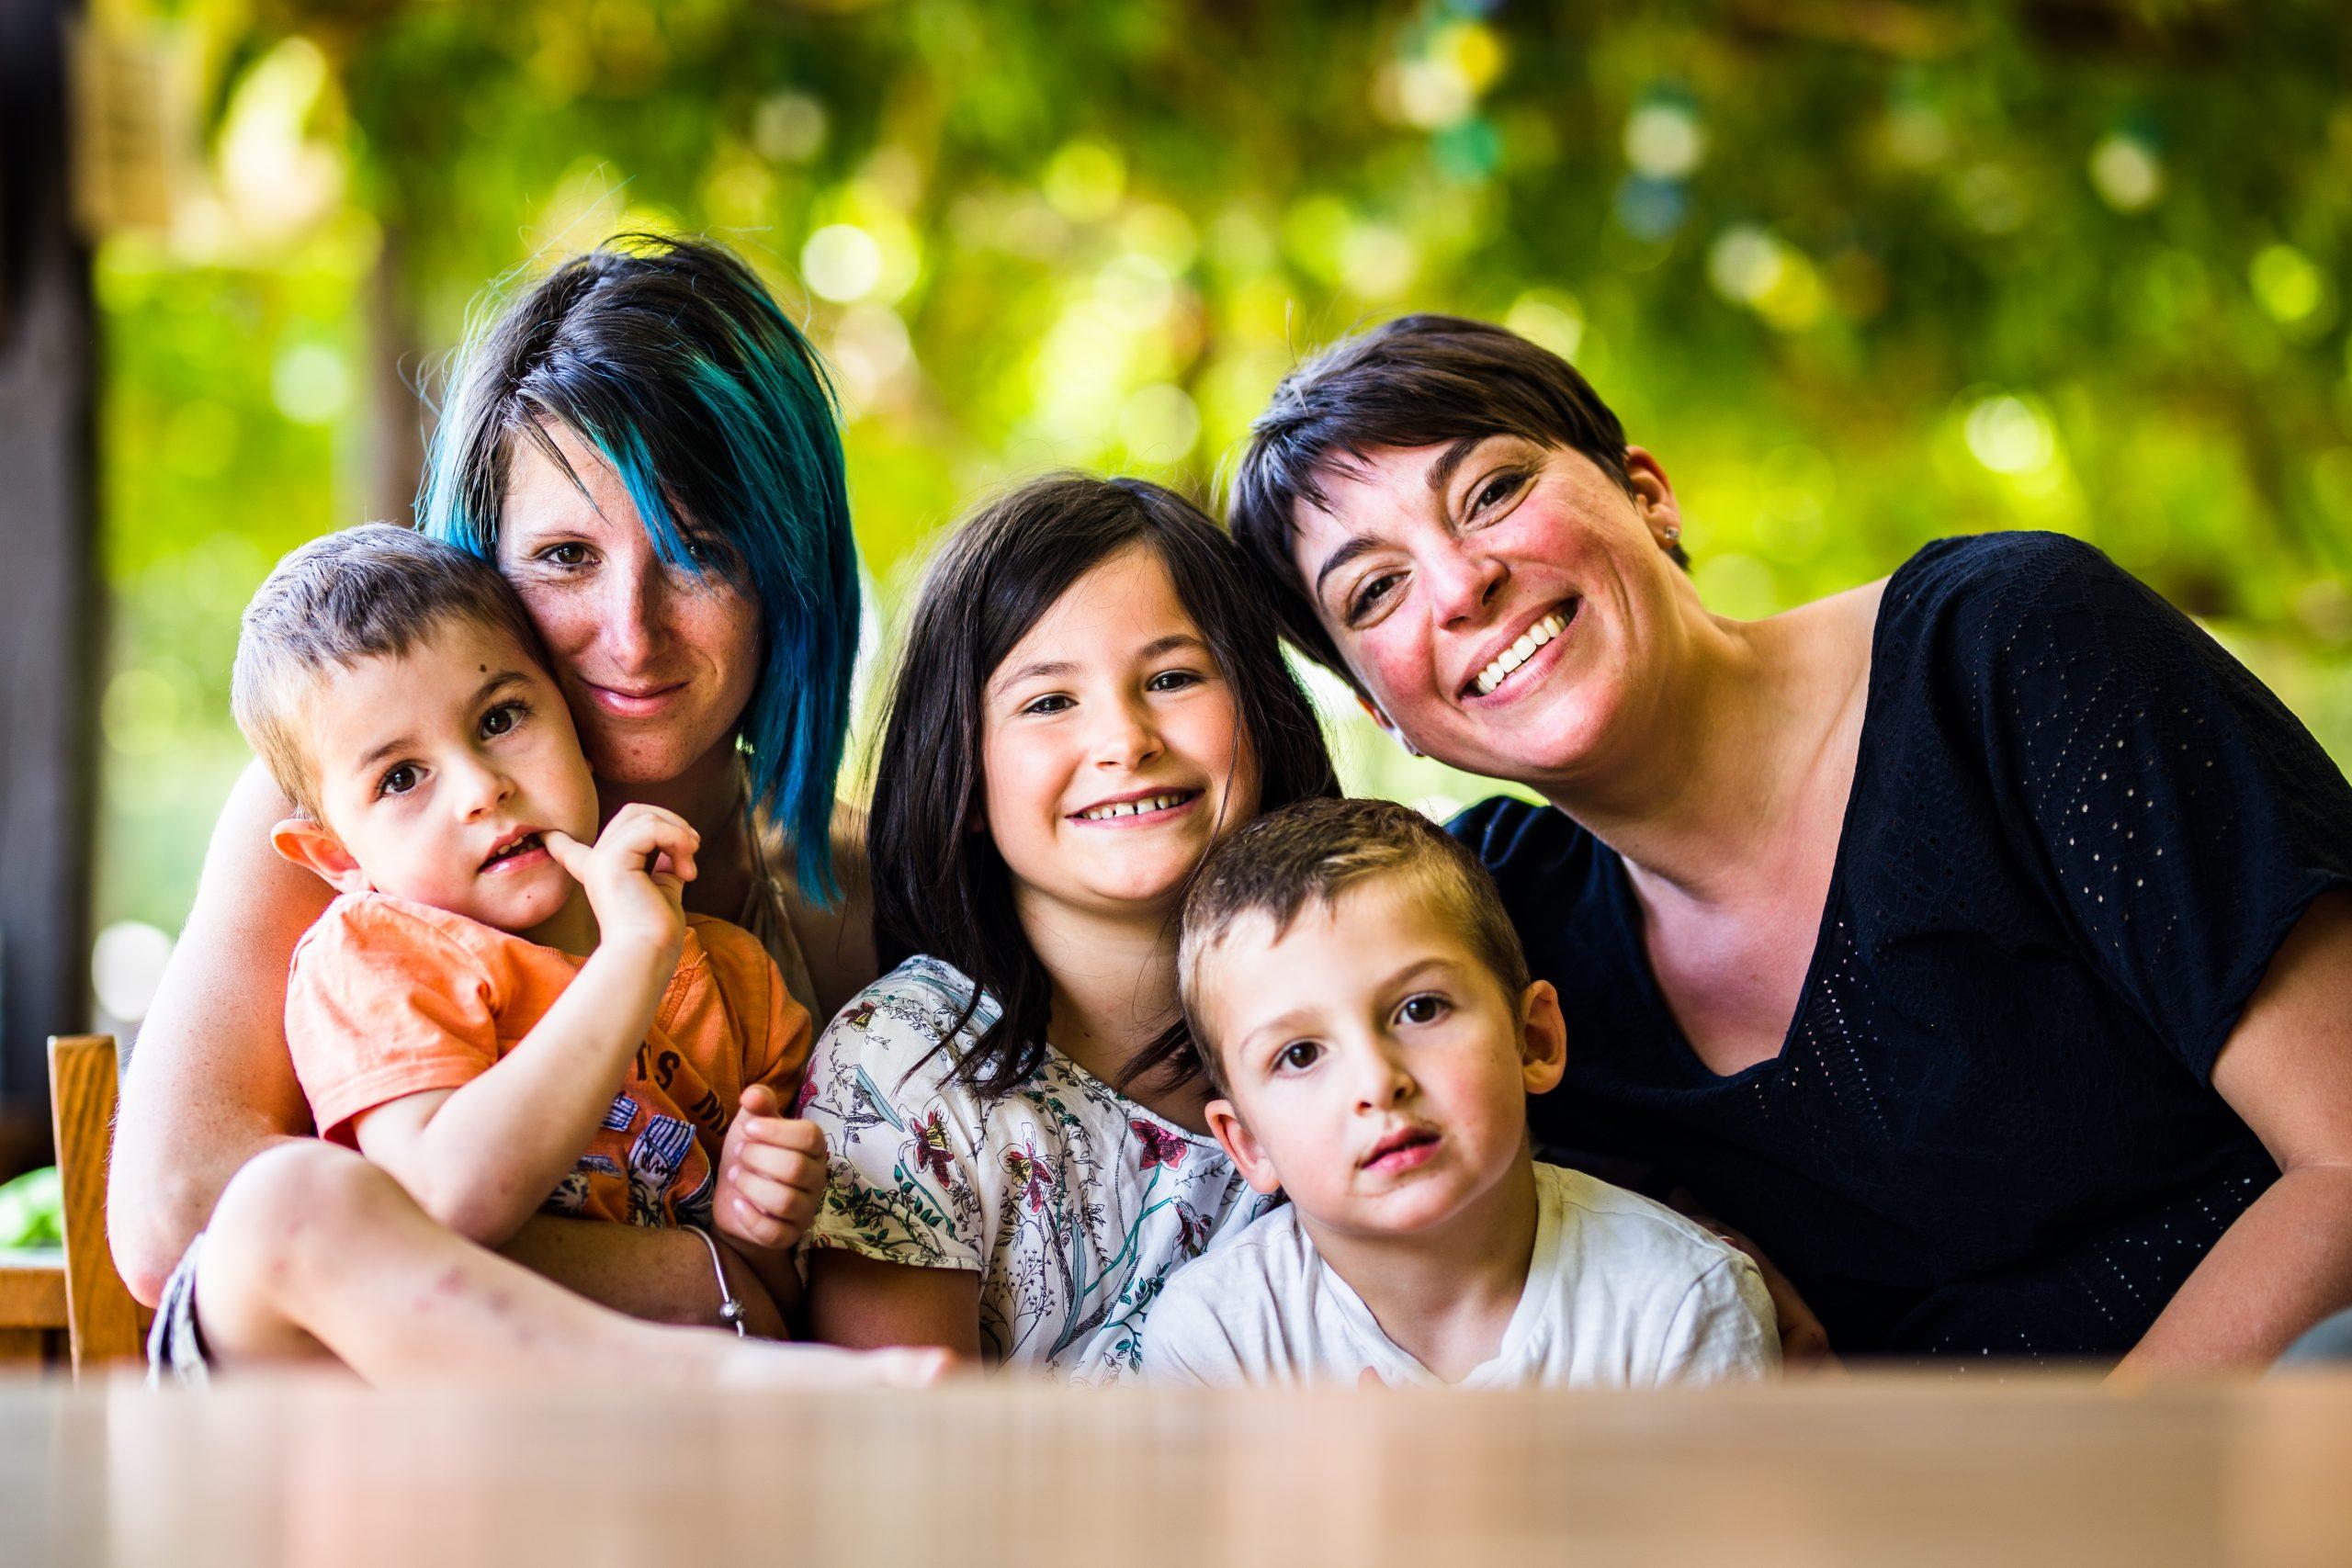 la photographe Nicole Gevrey et la famille du reportage de vacances